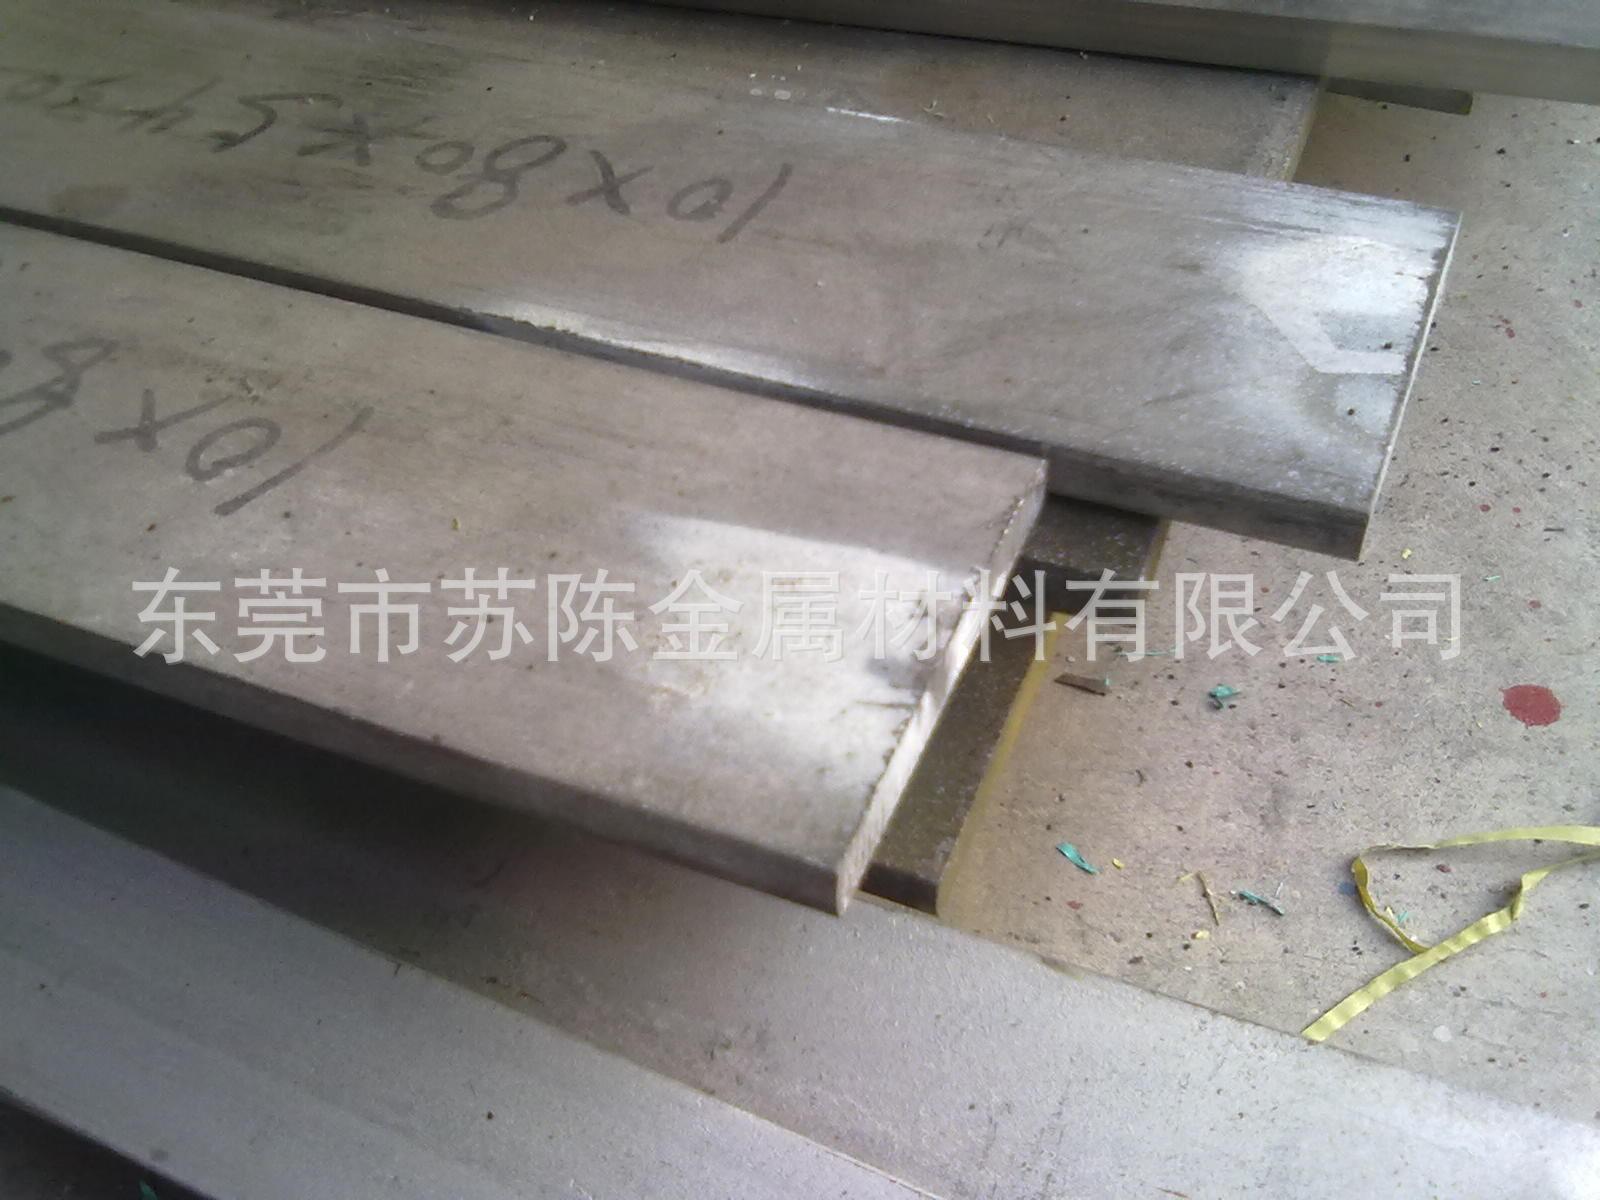 苏陈长期供应201 304 316不锈钢扁钢 冷轧扁条 光亮不锈钢